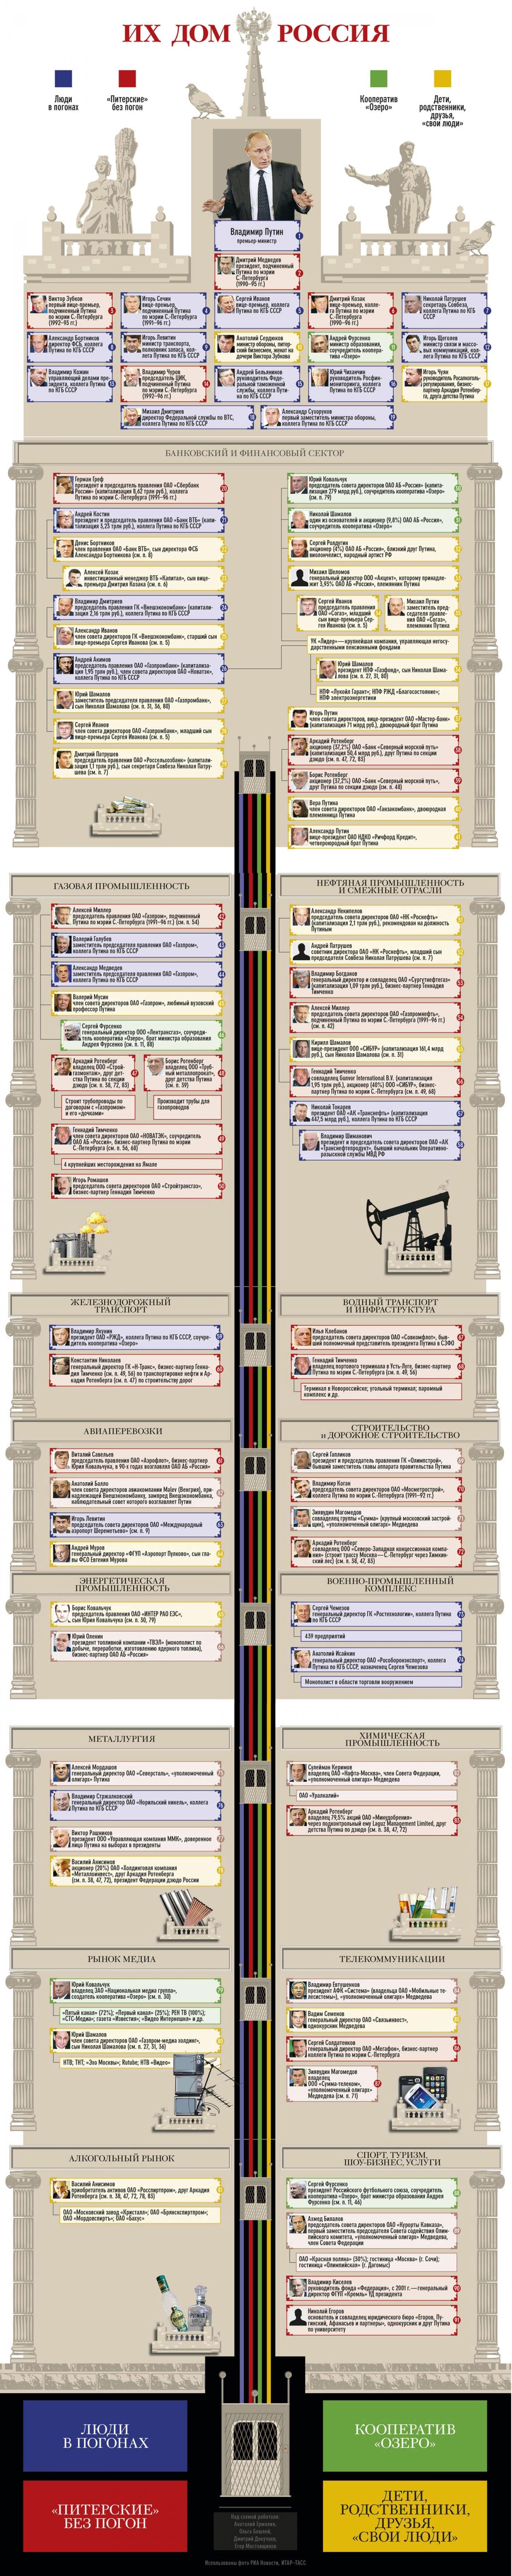 Схема путинского клана